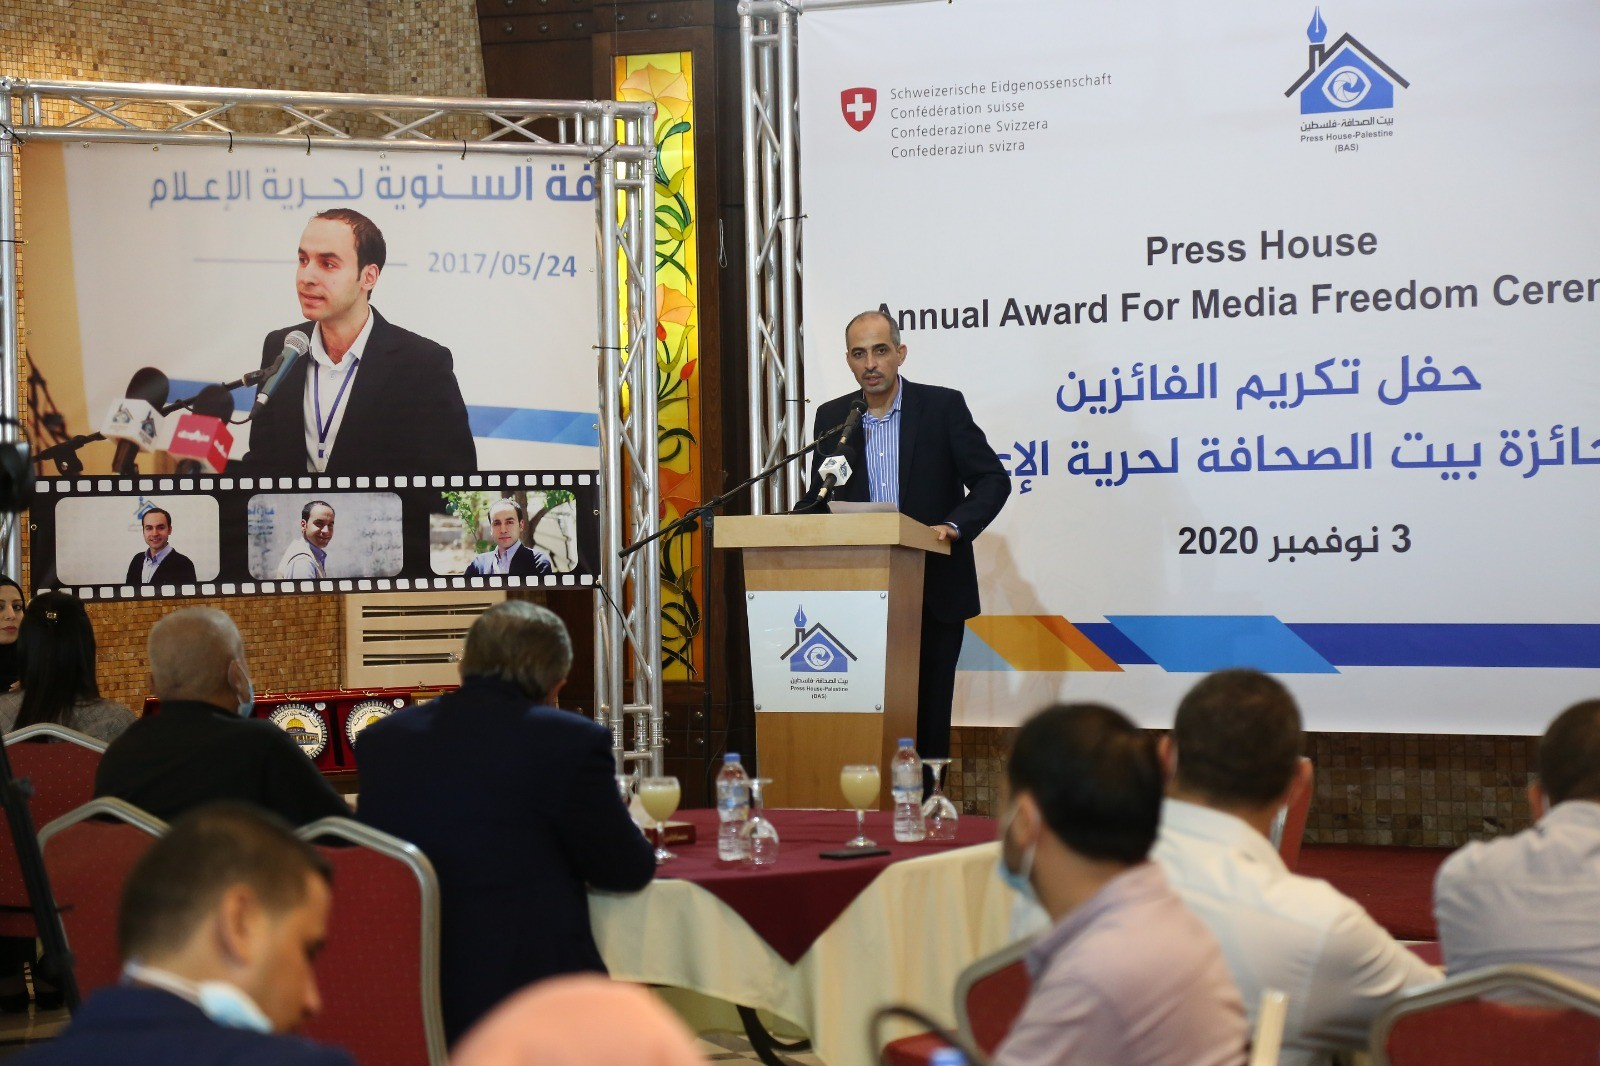 رئيس مجلس إدارة بيت الصحافة بلال جادالله خلال كلمته في الحفل